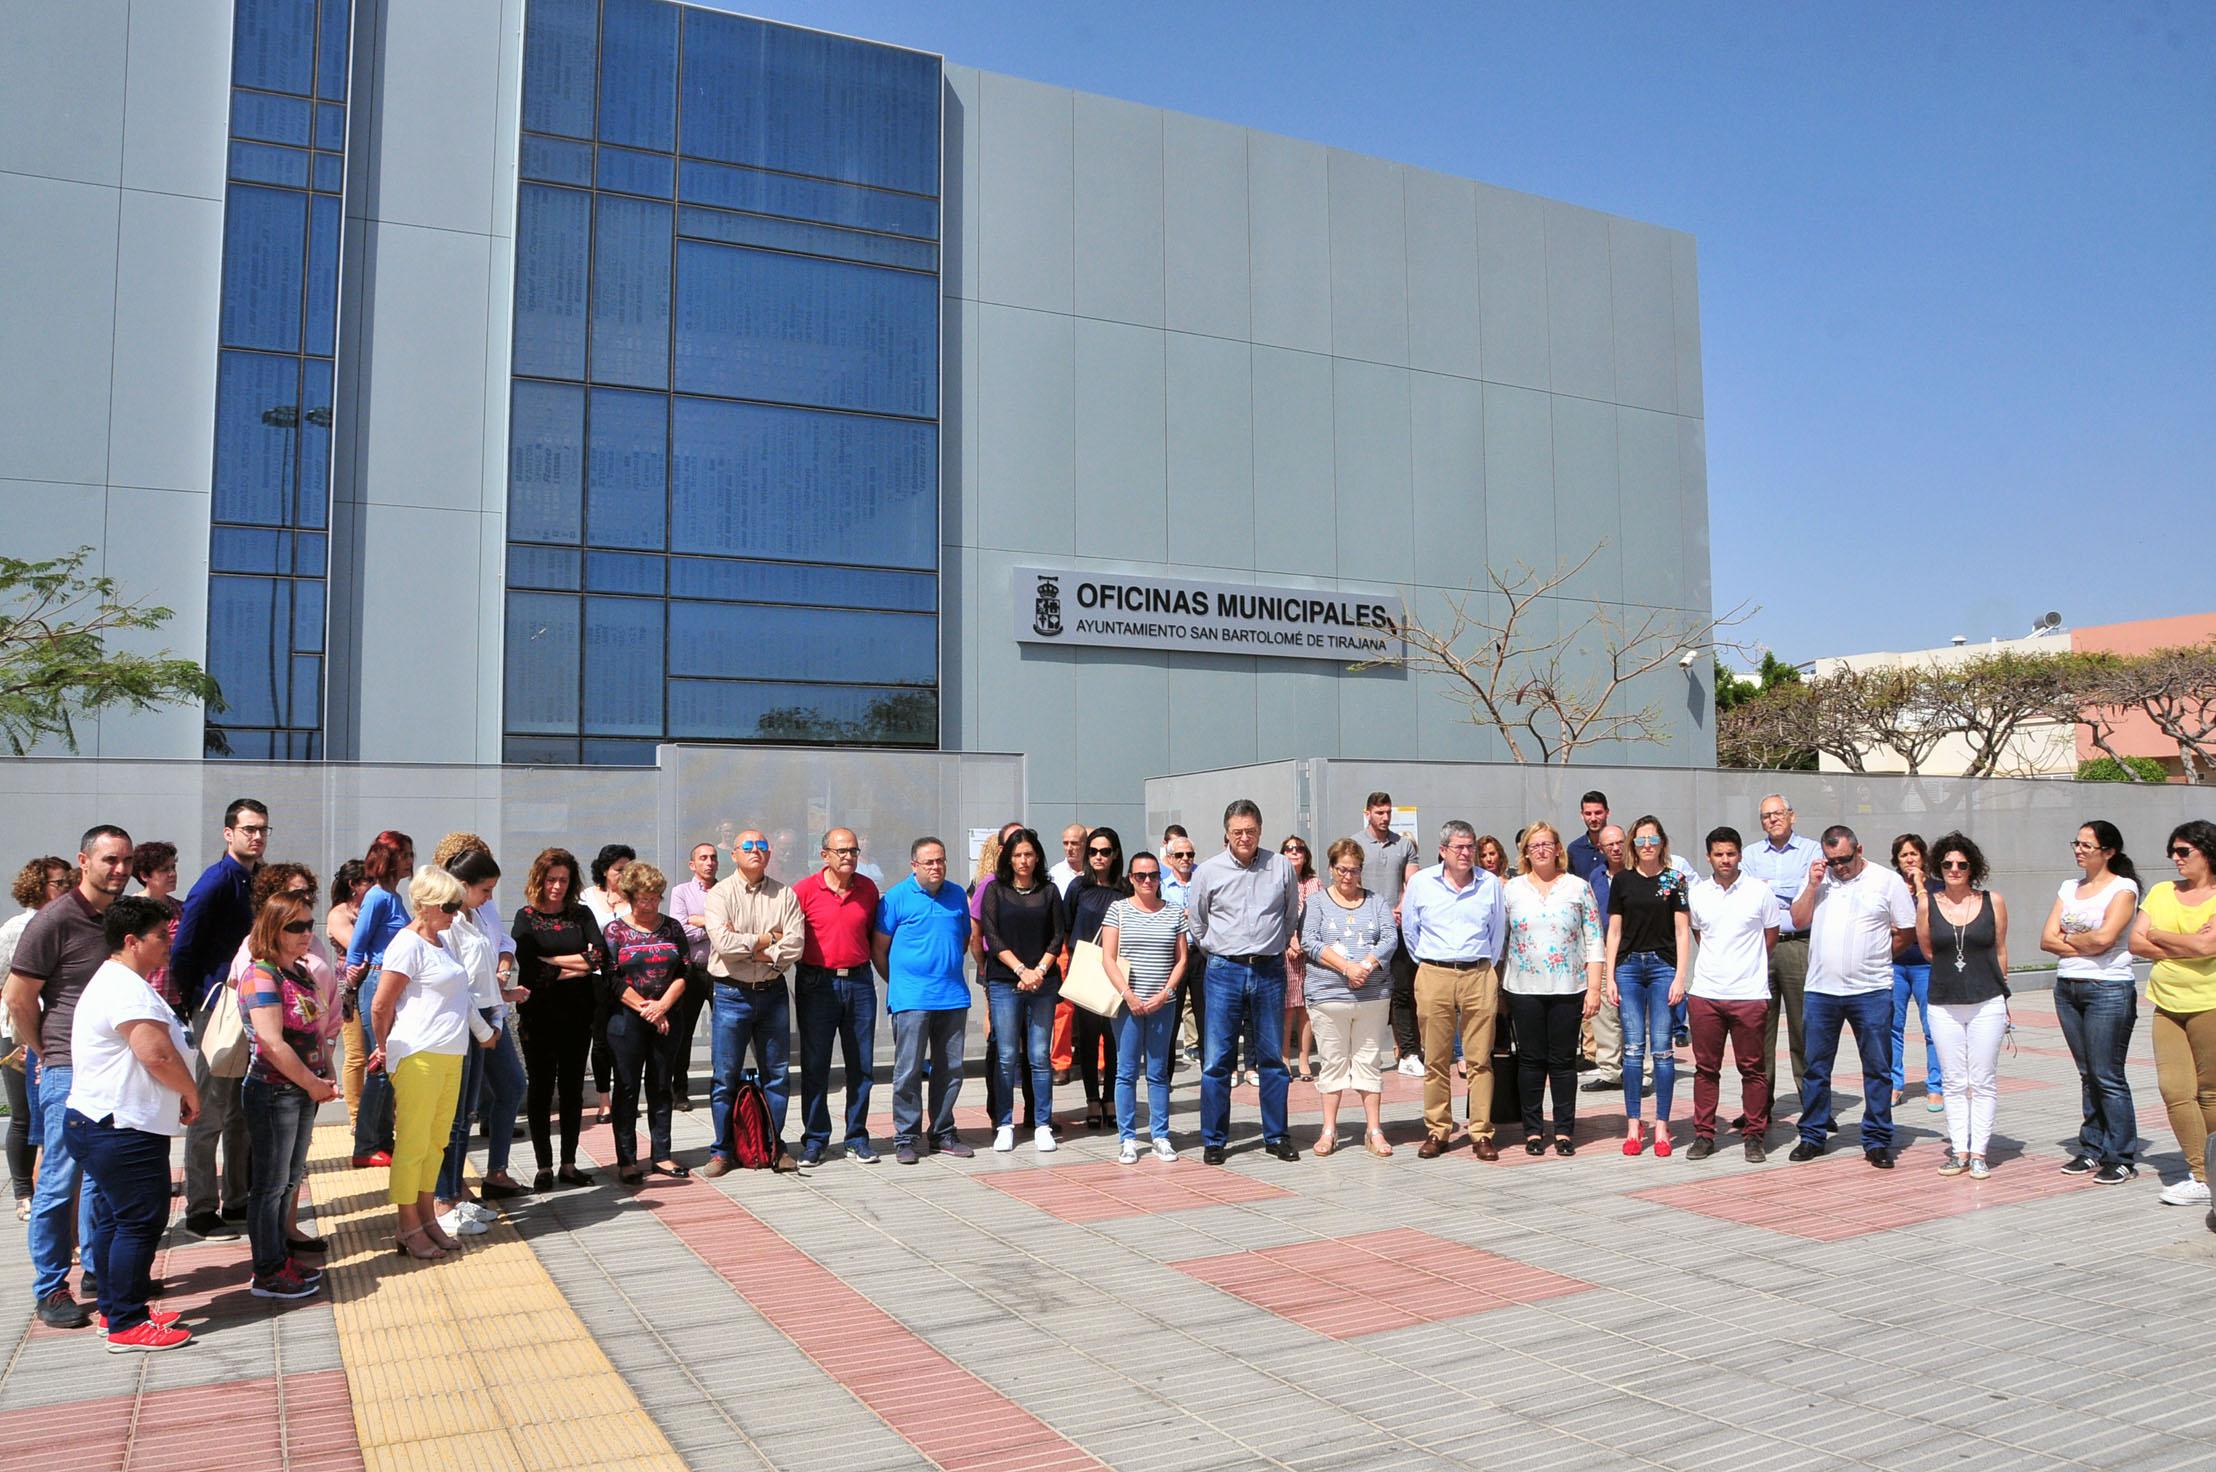 Minuto de silencio en el Ayuntamiento de San Bartolomé de Tirajana